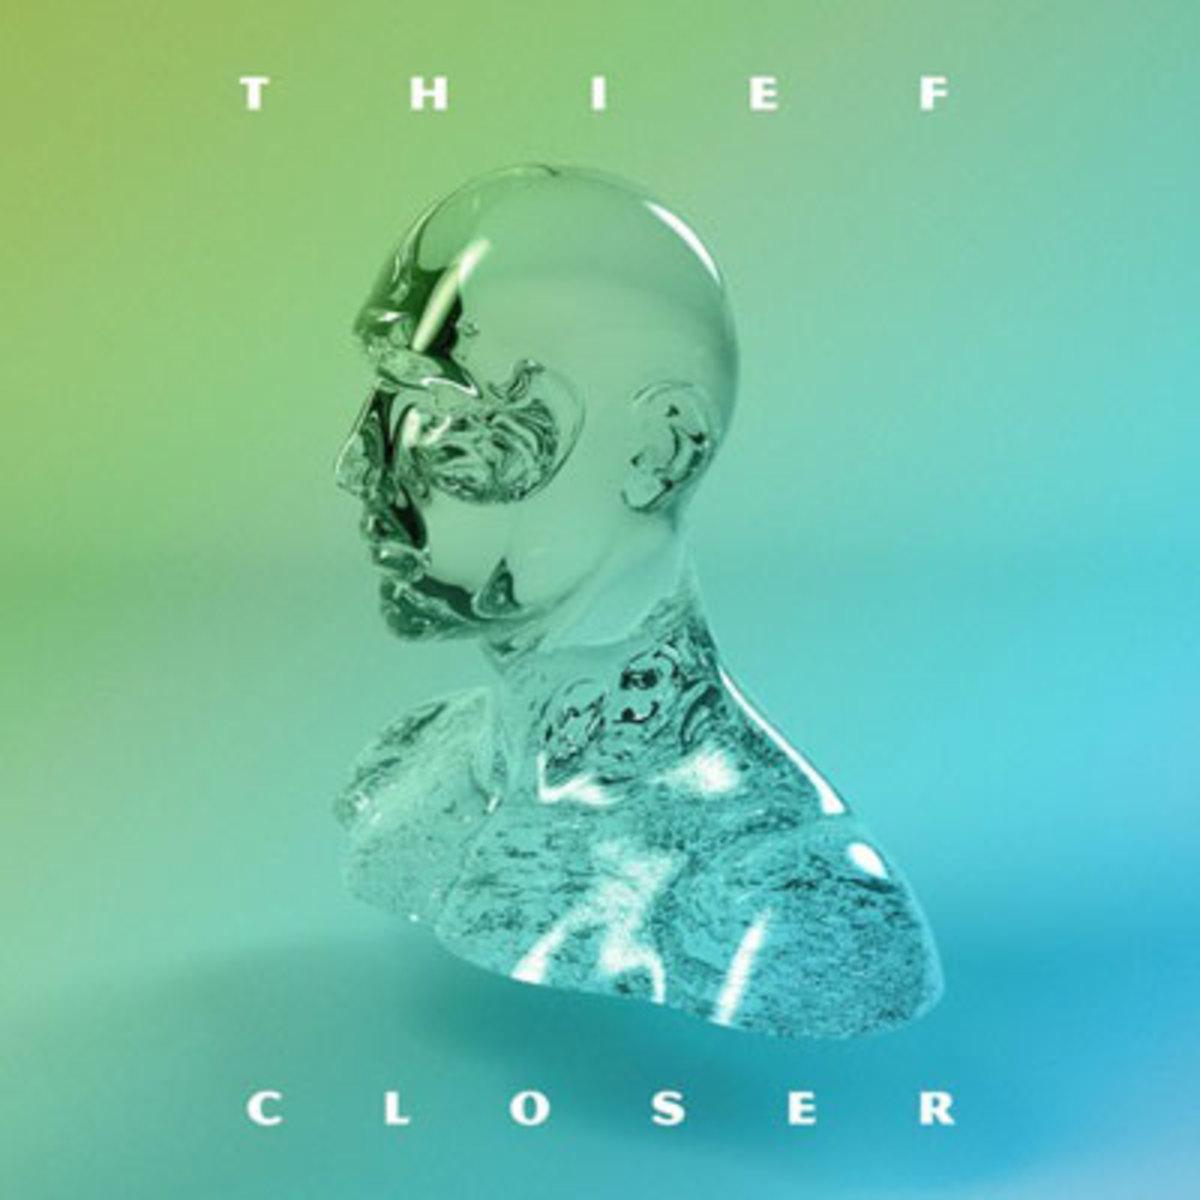 thief-closer.jpg